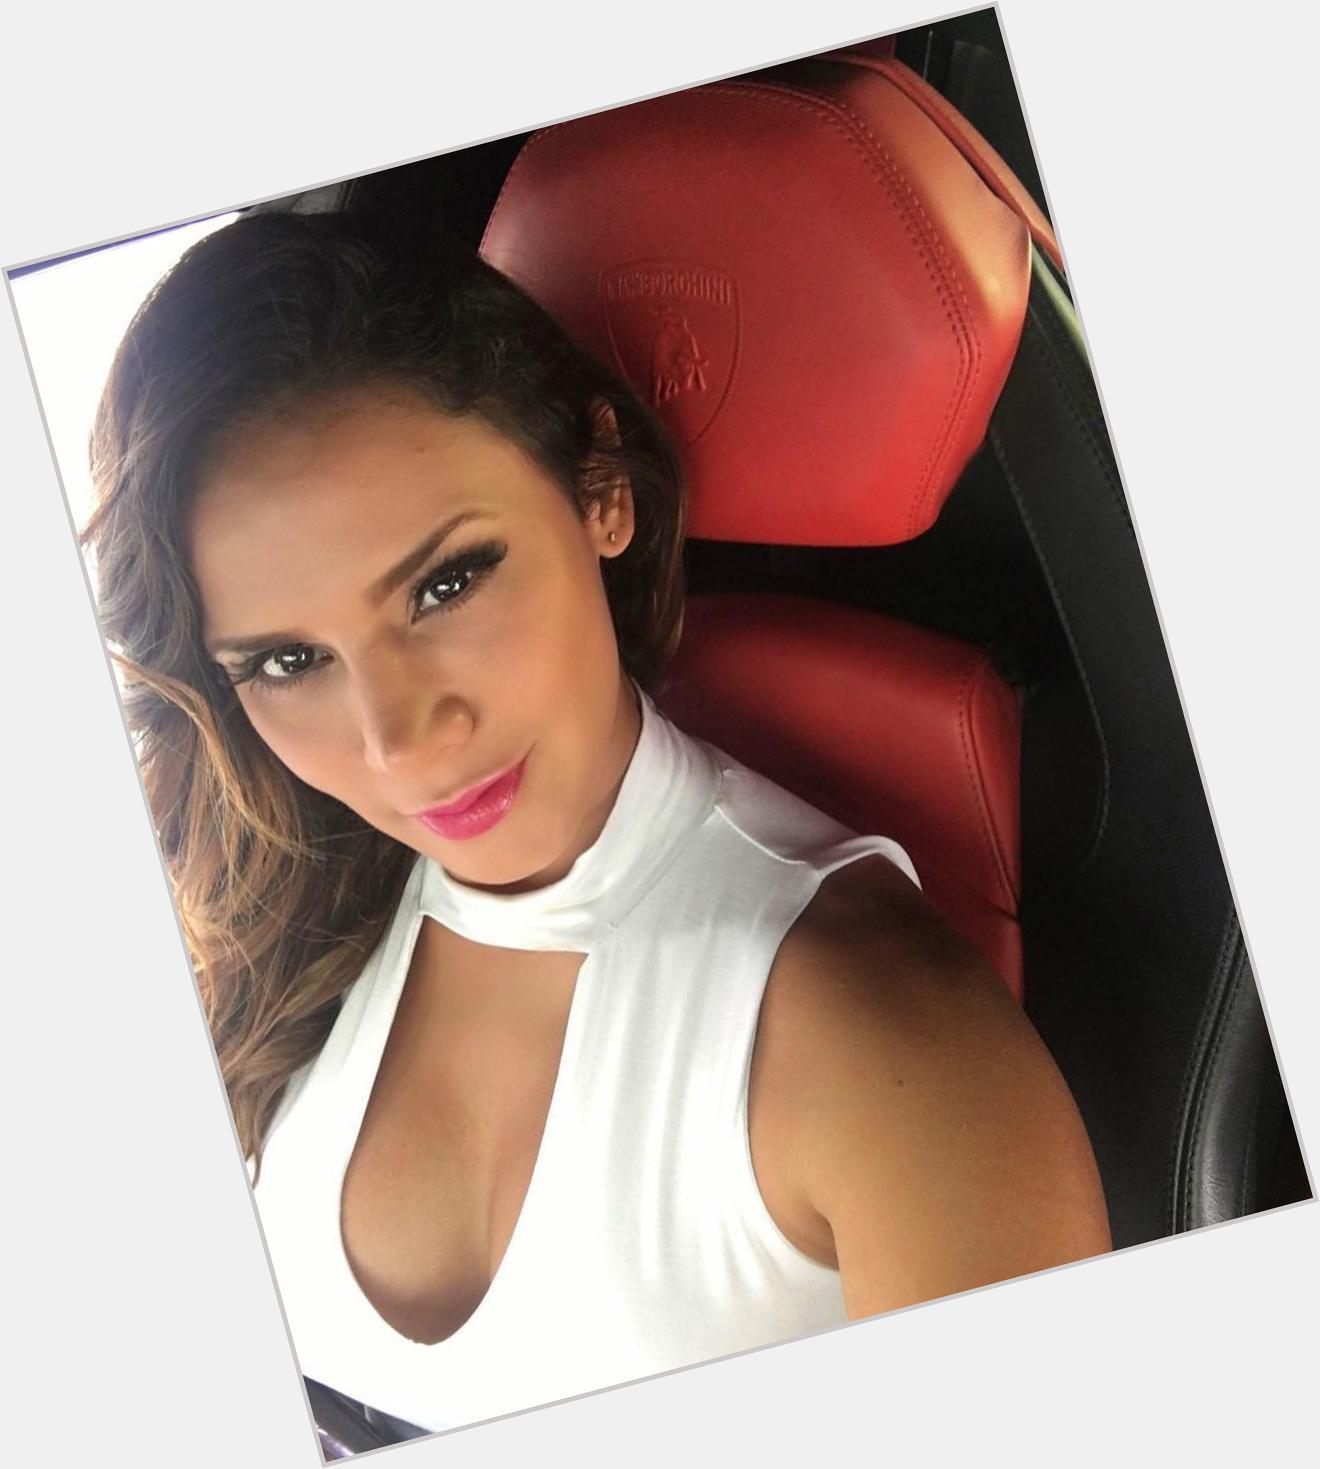 Andrea Rincon Sexy andrea rincón espada | official site for woman crush